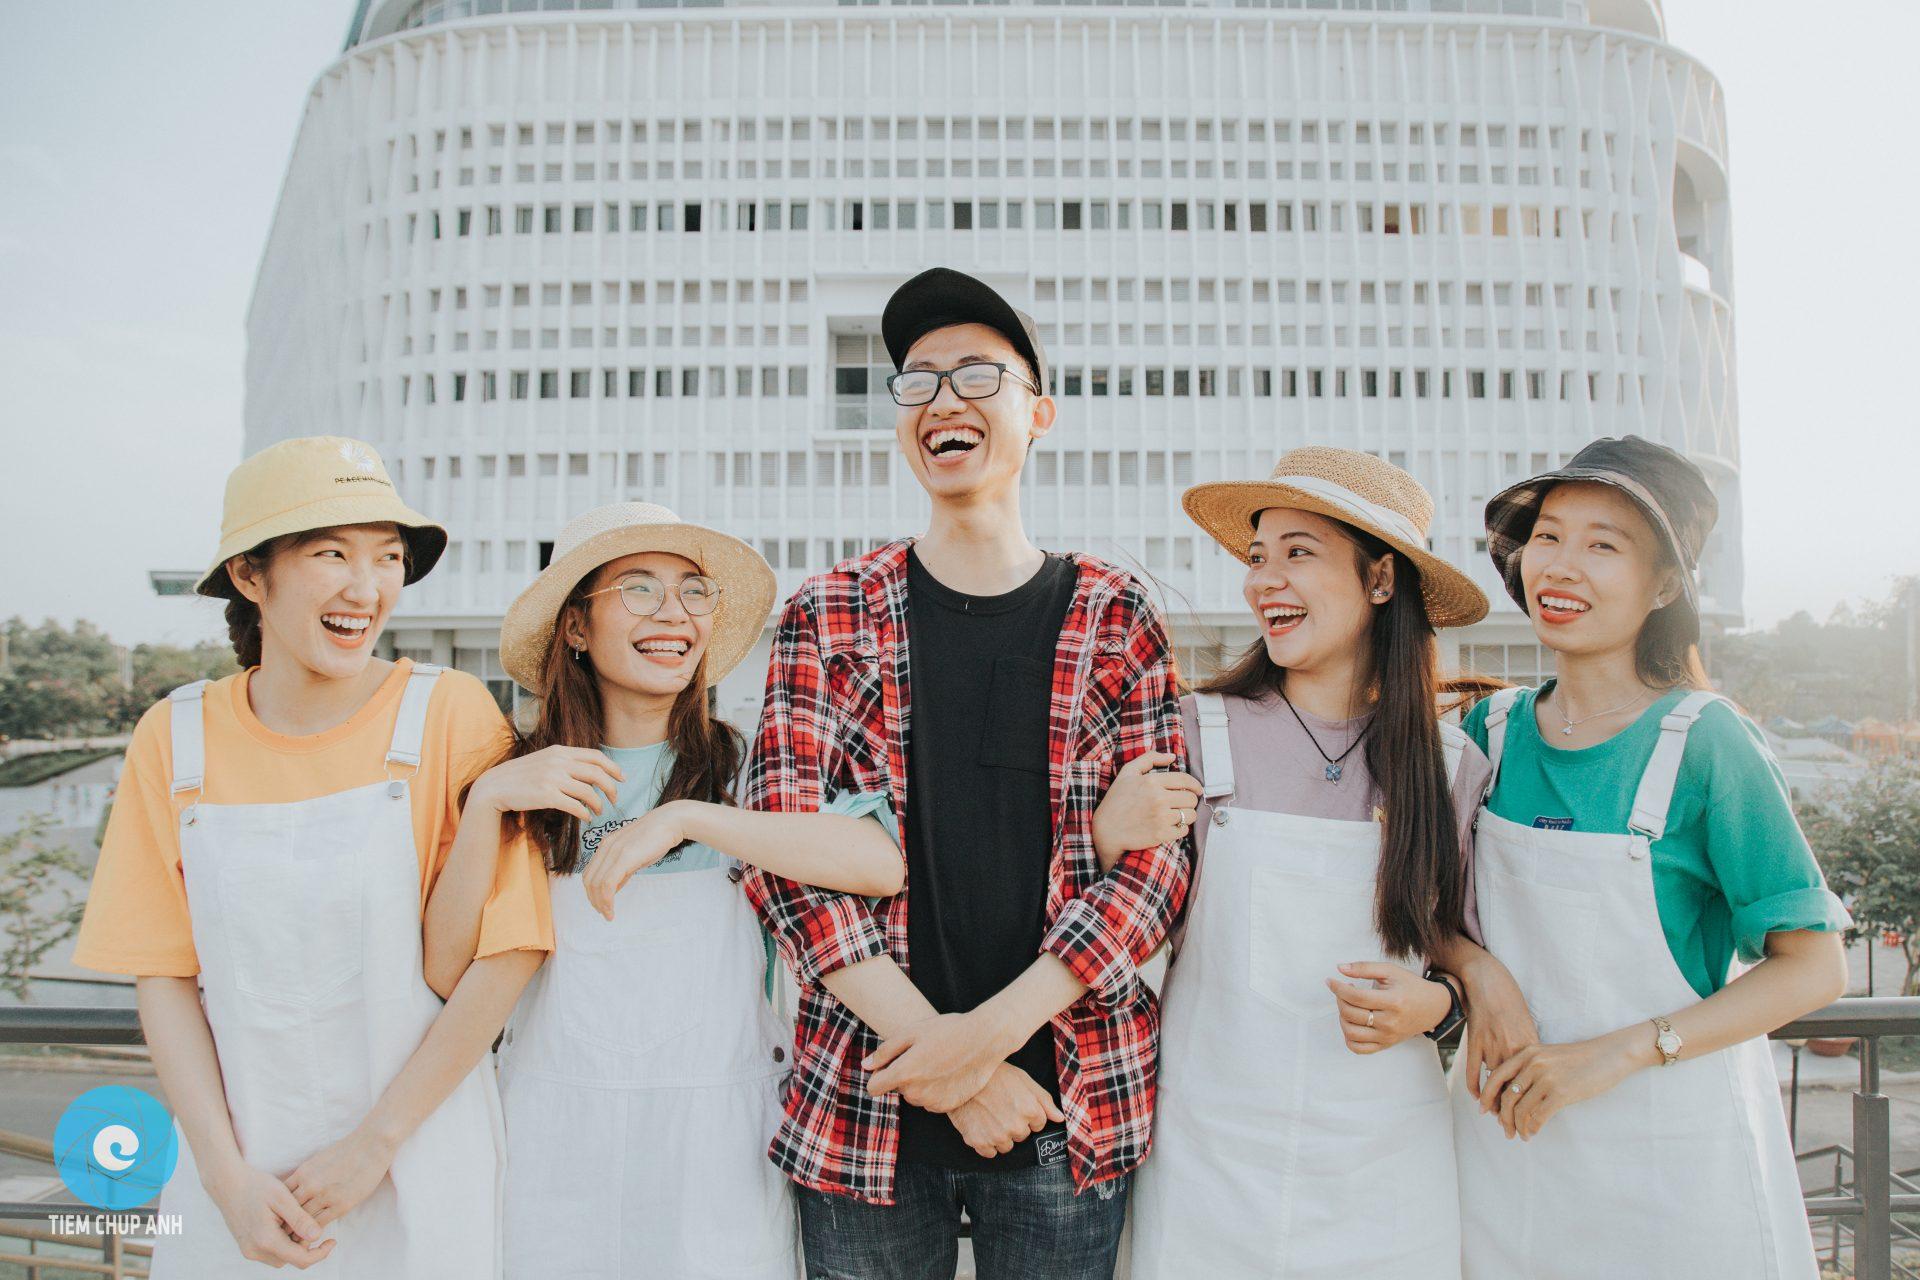 chụp hình nhóm